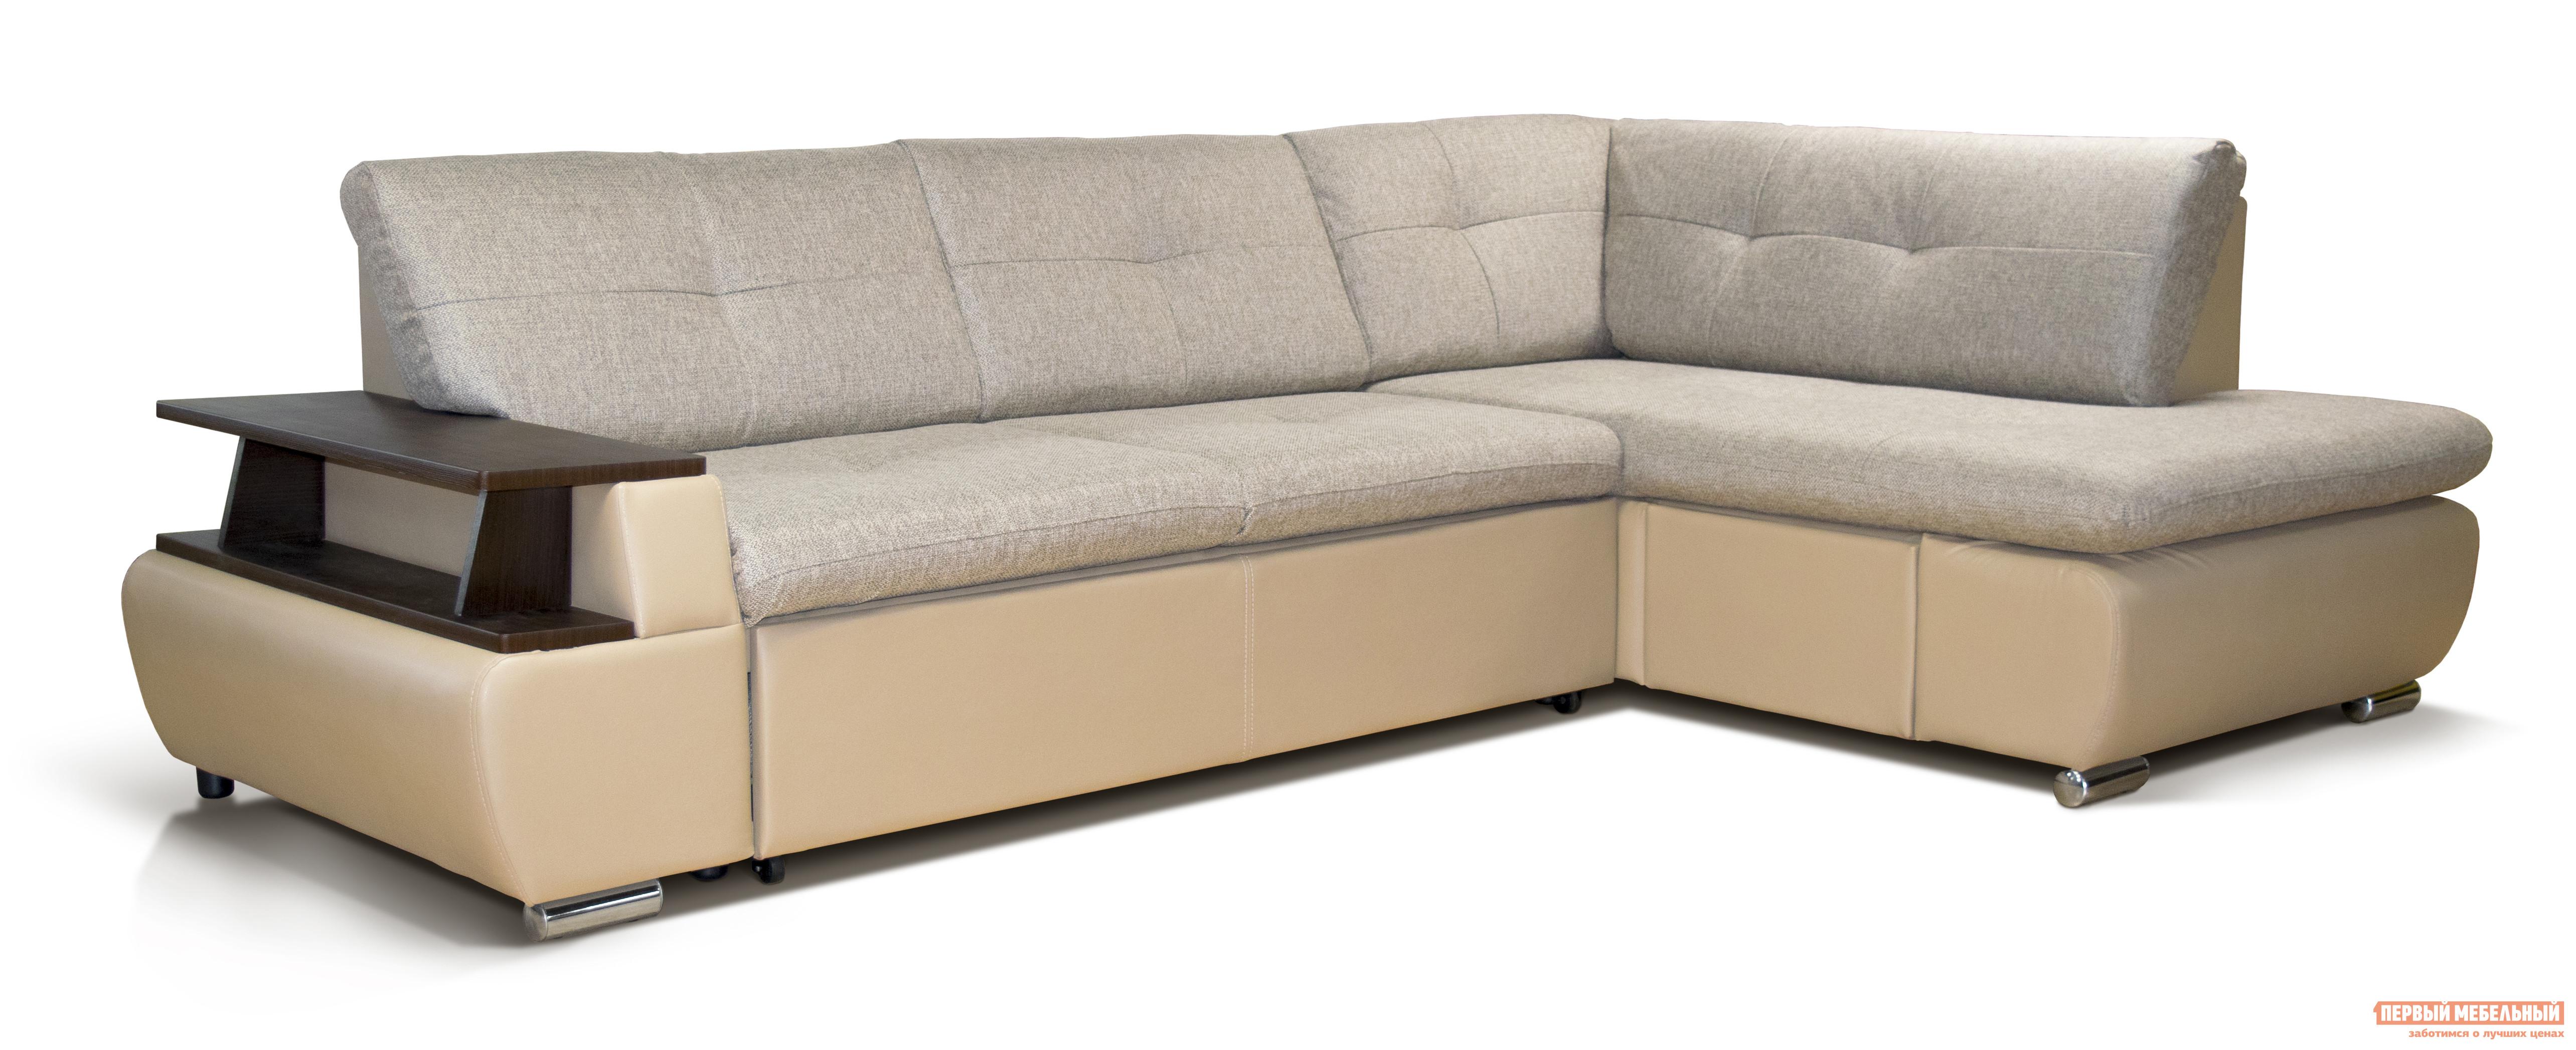 Купить угловой диван в магазине Москва